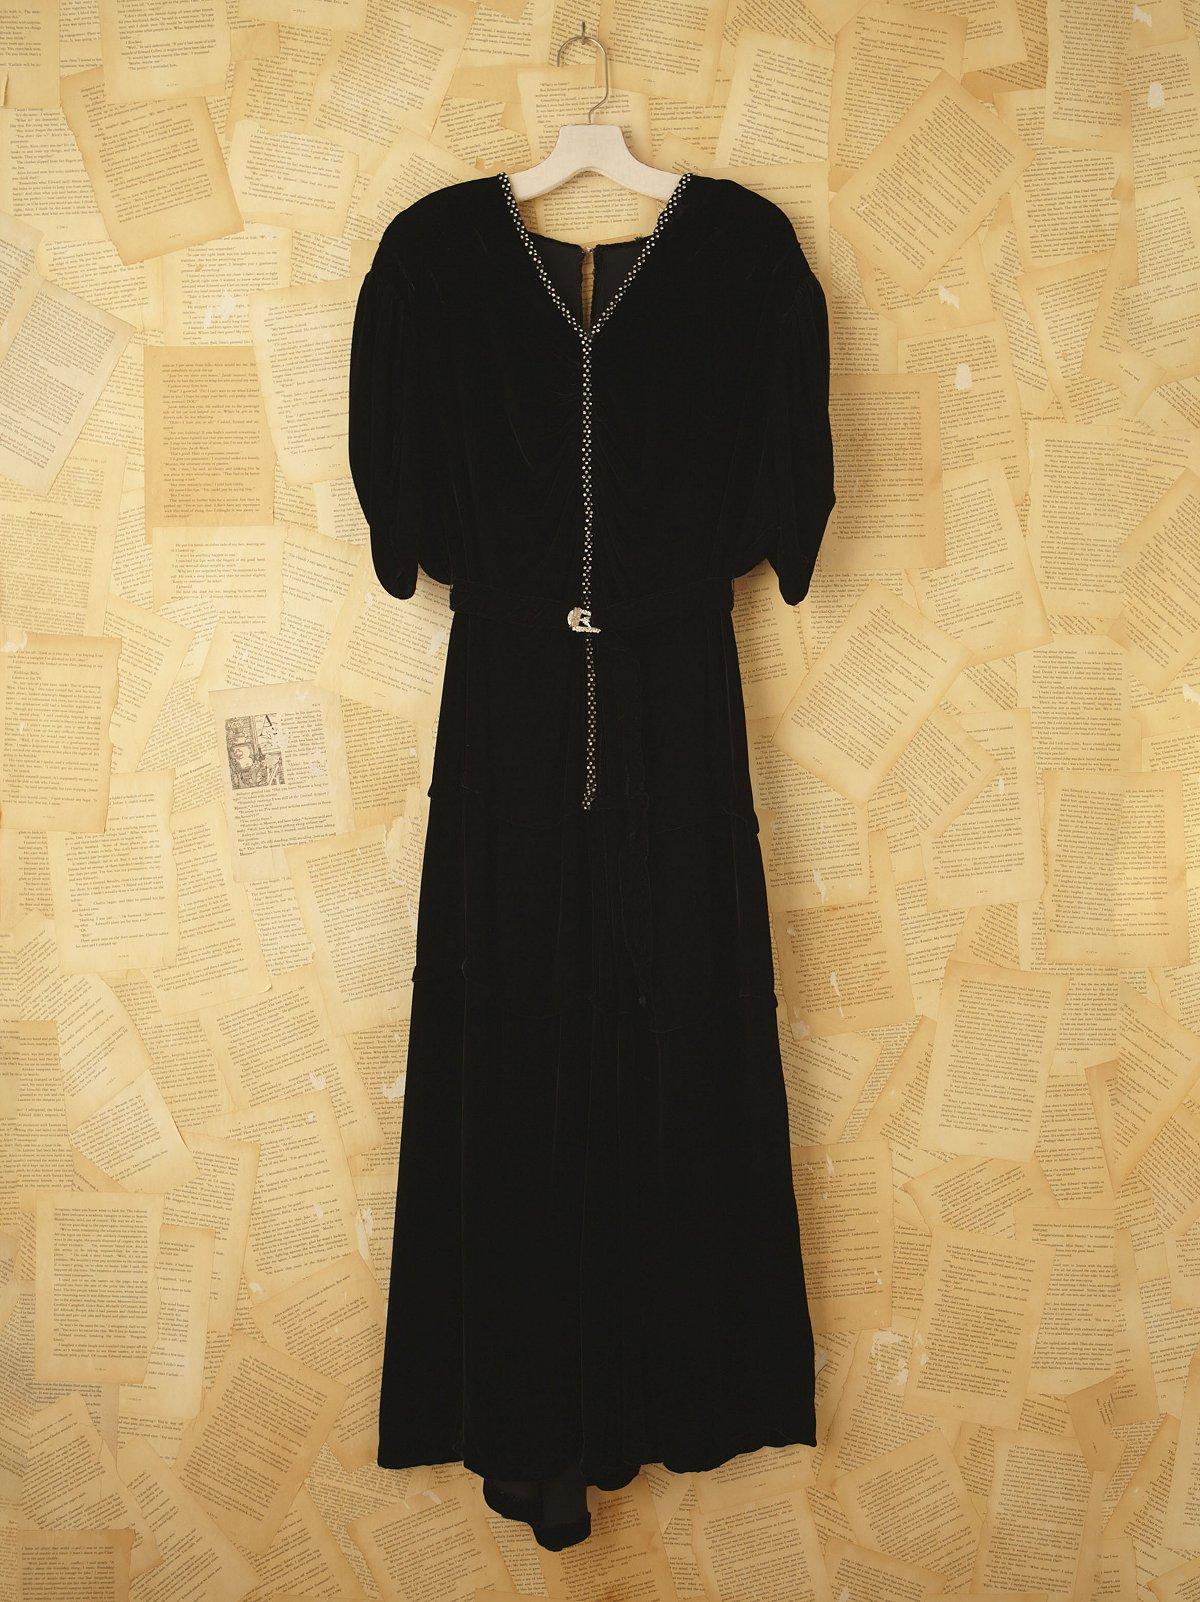 Vintage 1930s Velvet Dress